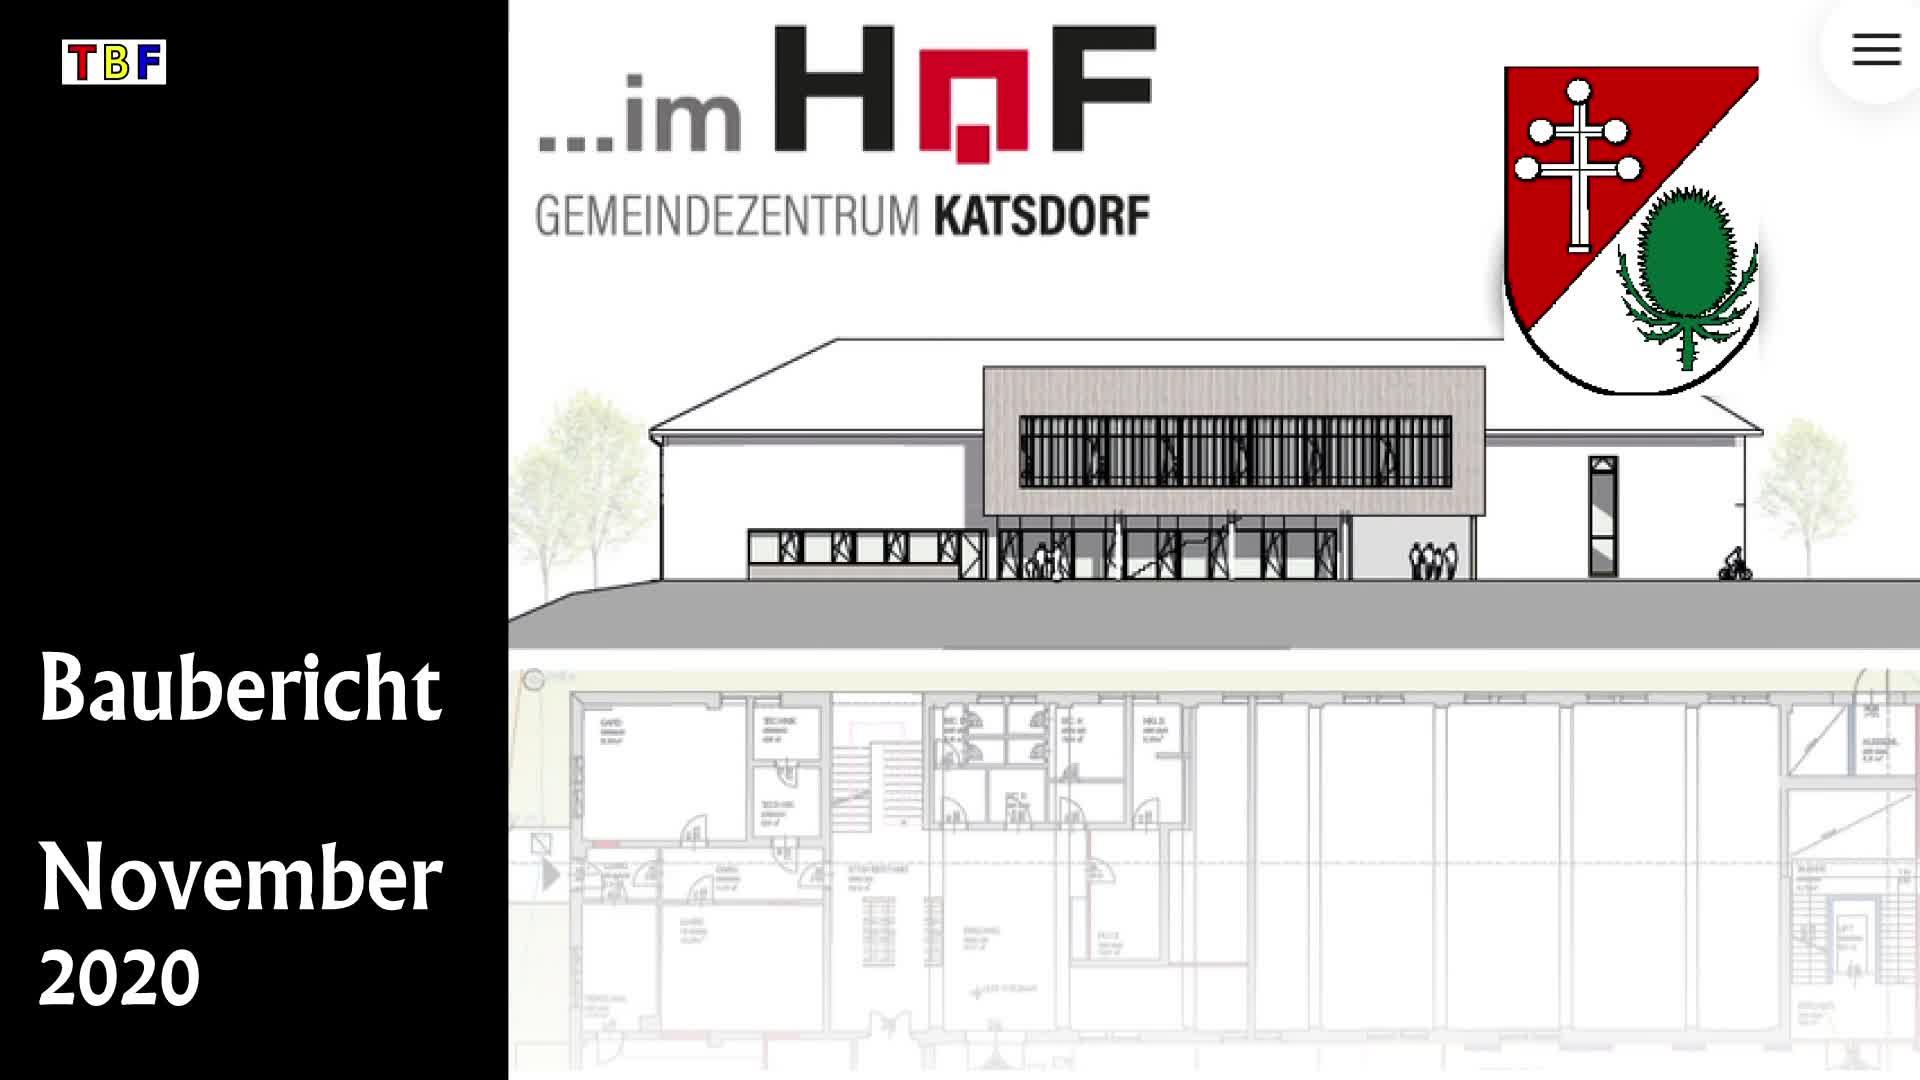 Baubericht Gemeindezentrum Katsdorf